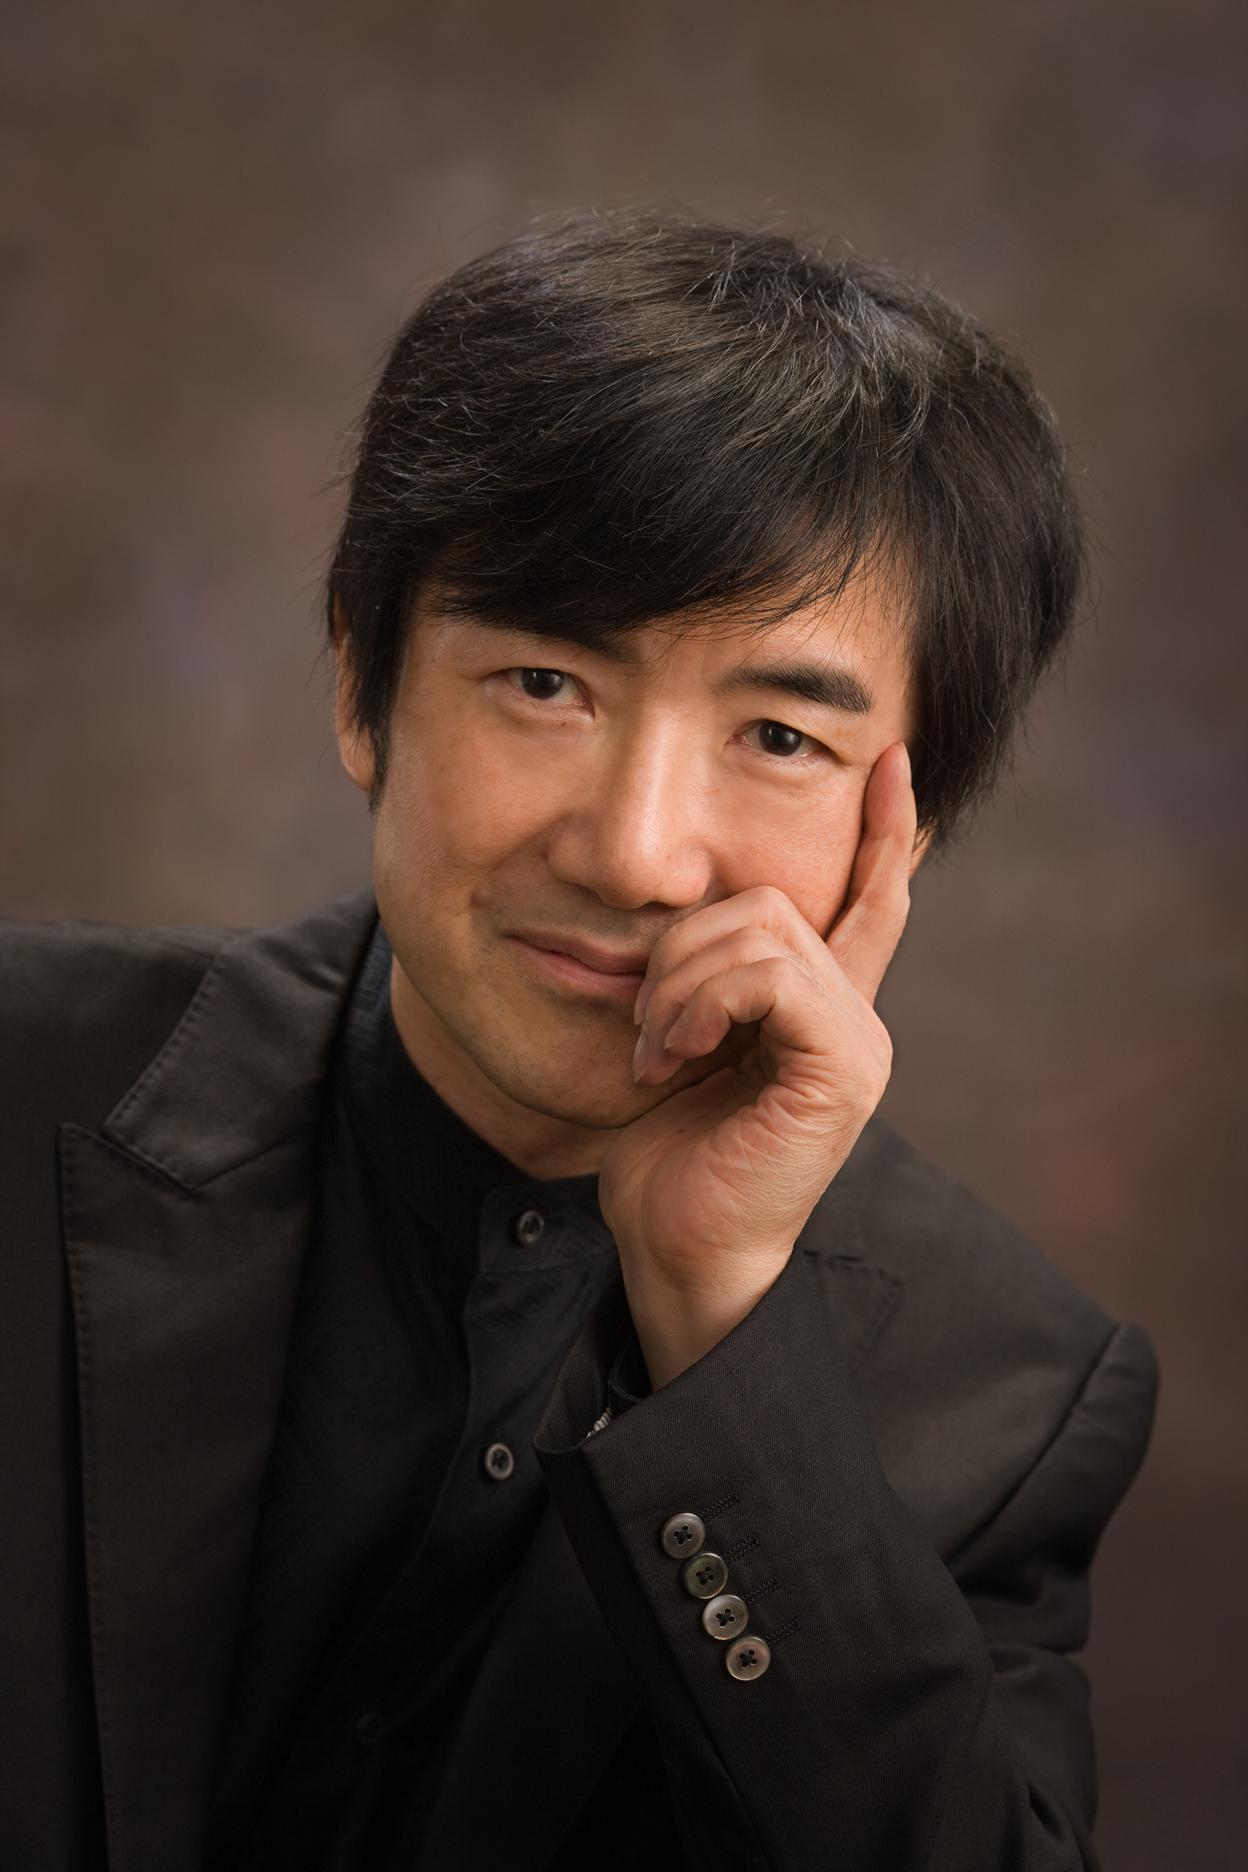 Hideki Chihara